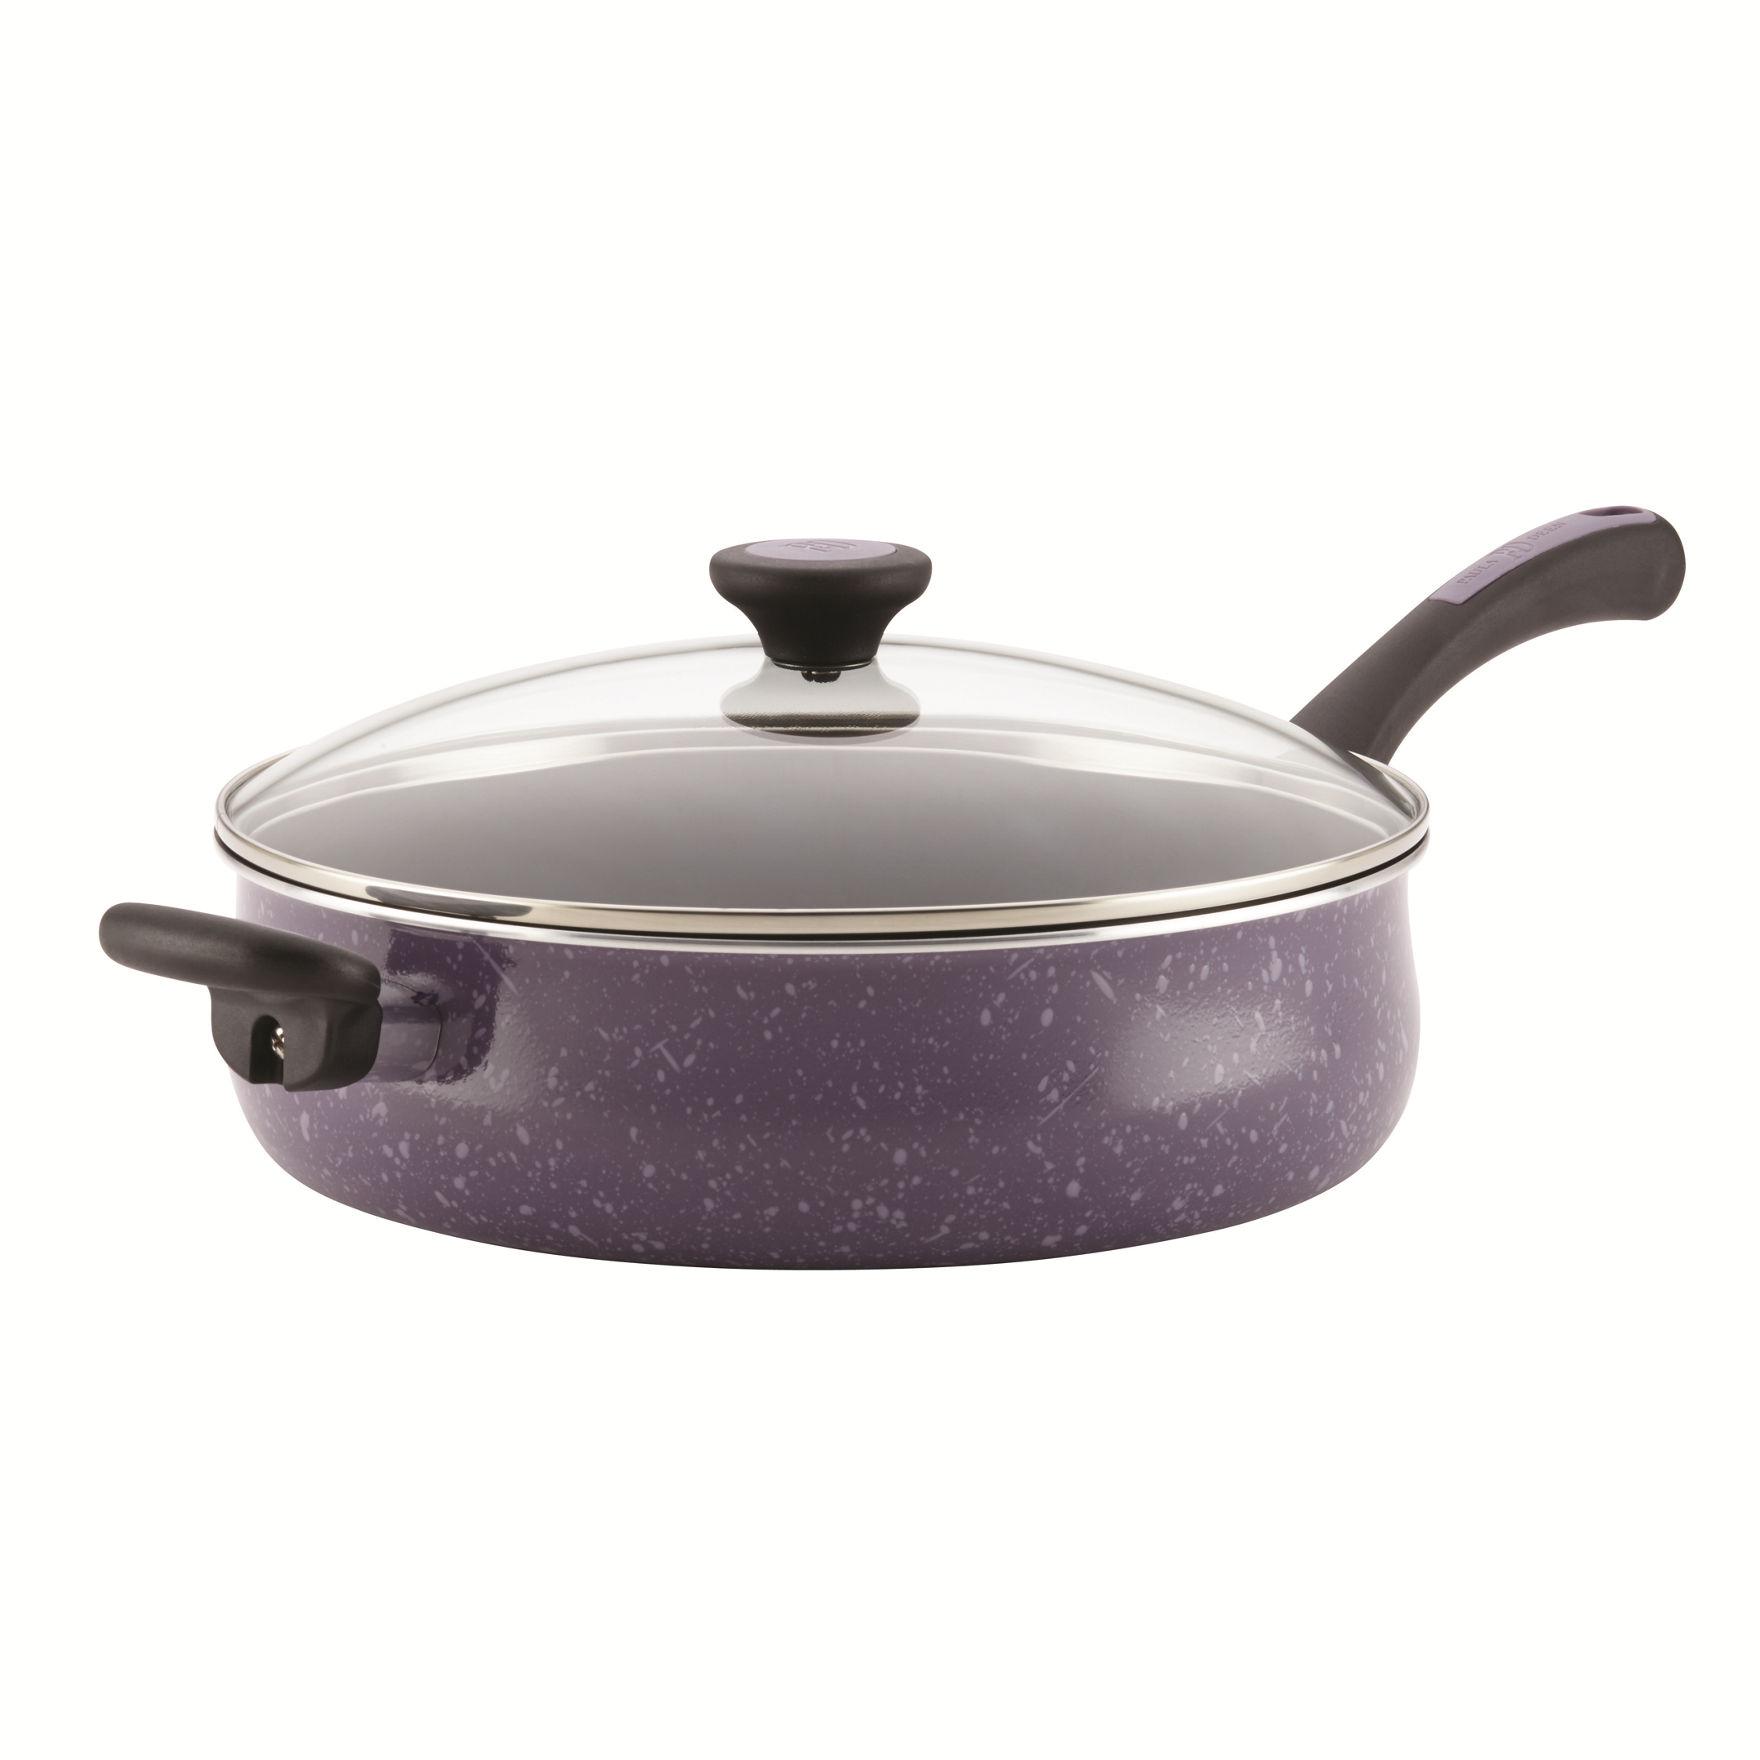 Paula Deen Lavender Pots & Dutch Ovens Cookware